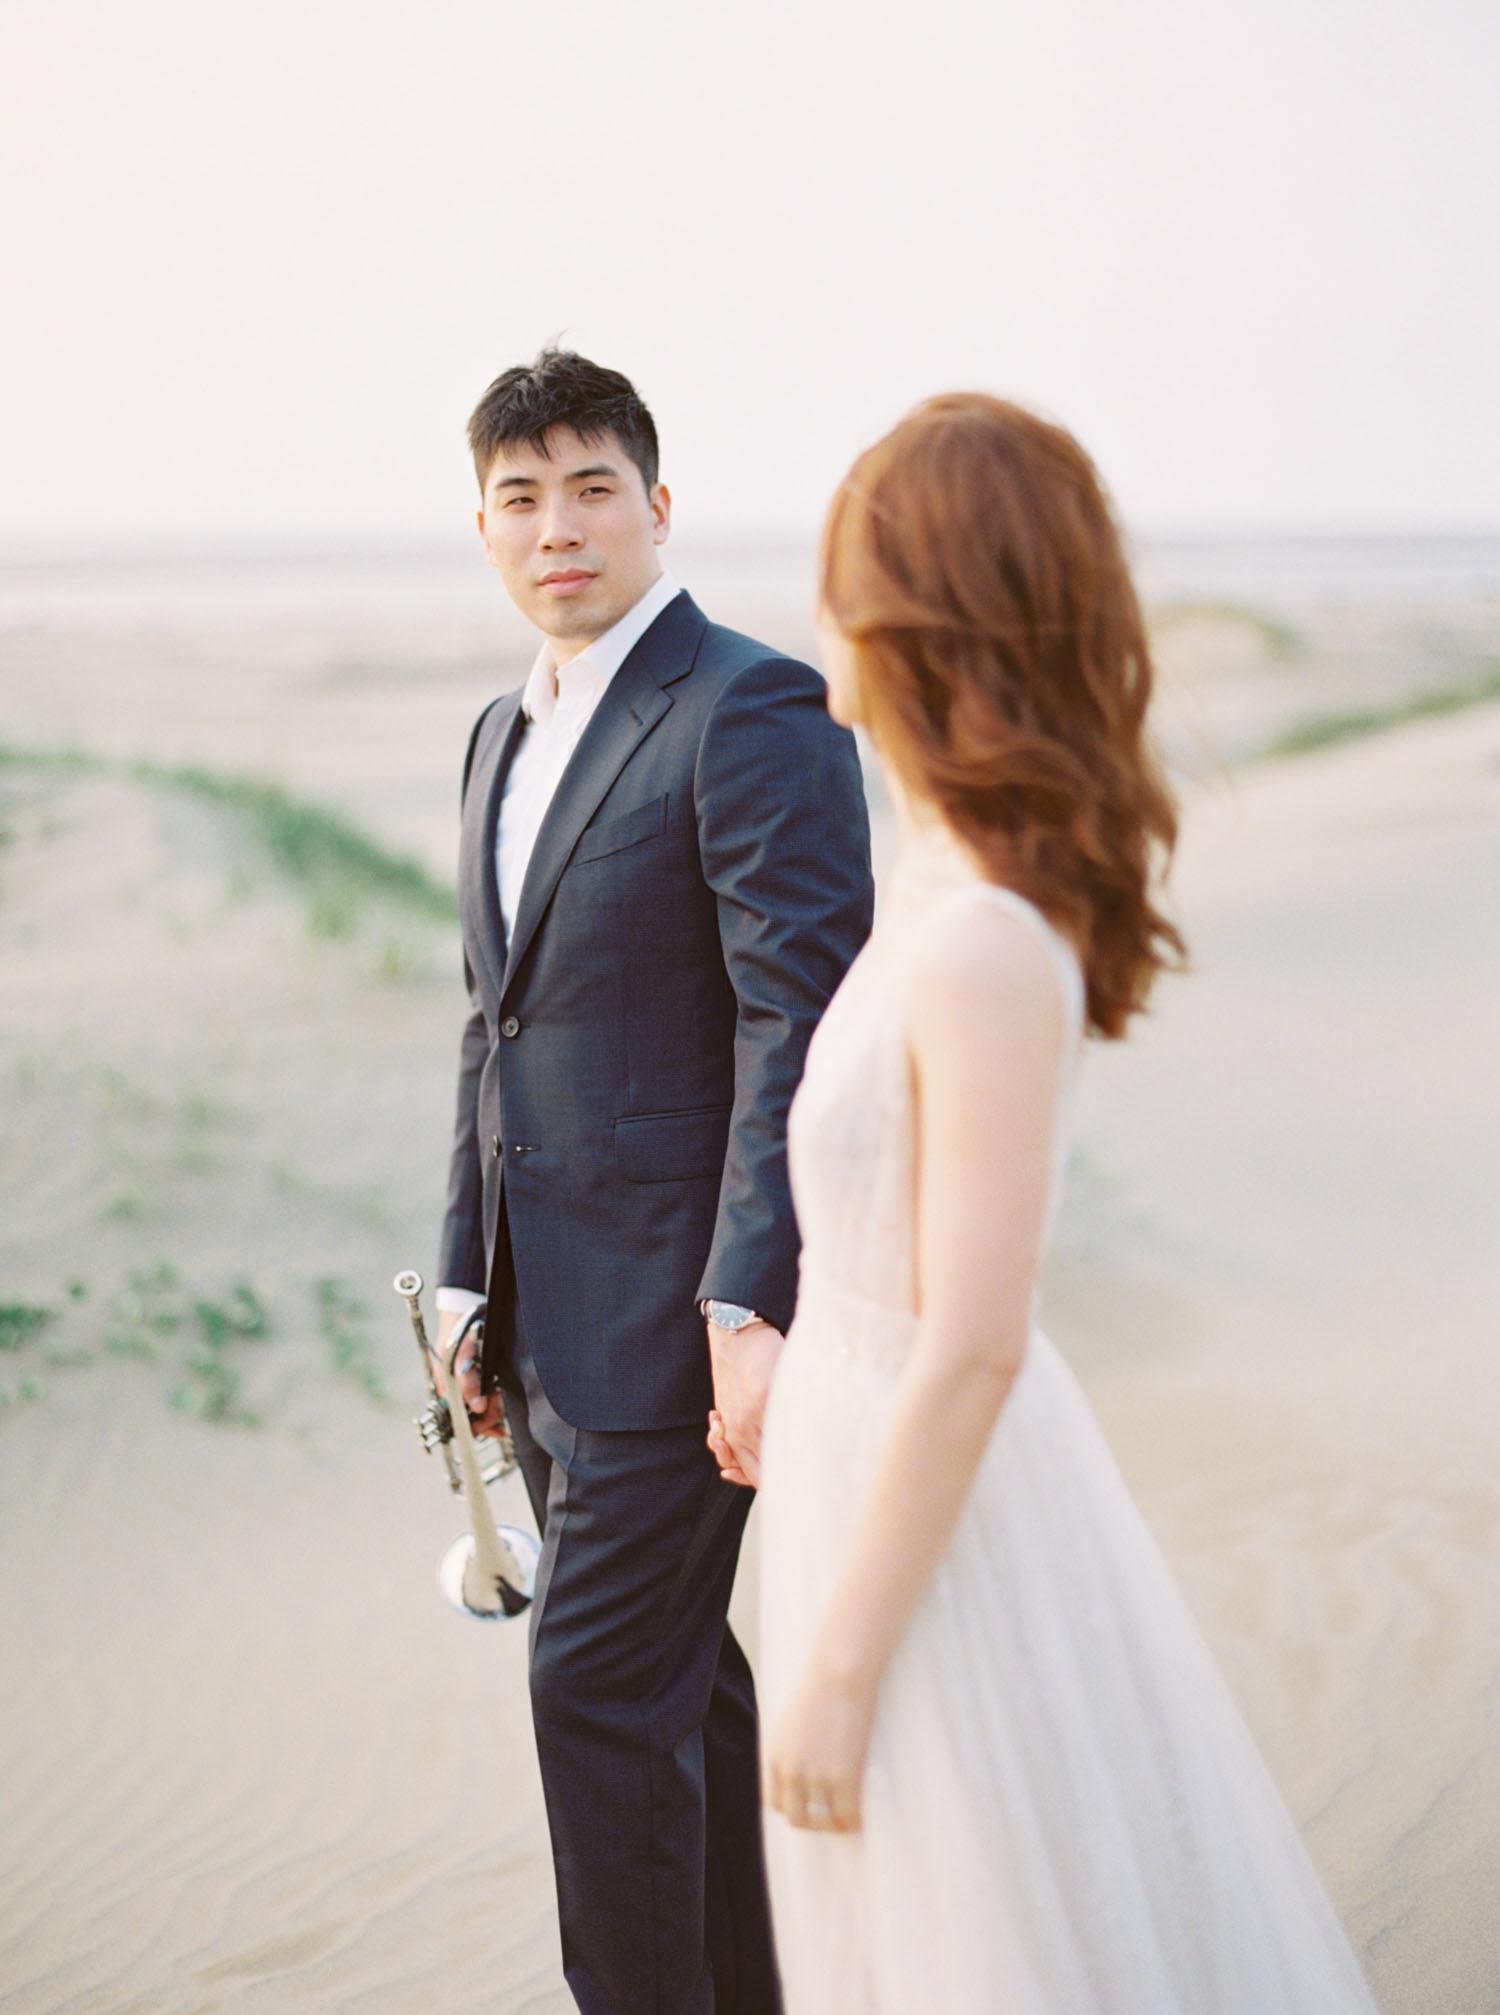 Fine-Art-沙漠-海灘-底片-婚紗-逆光